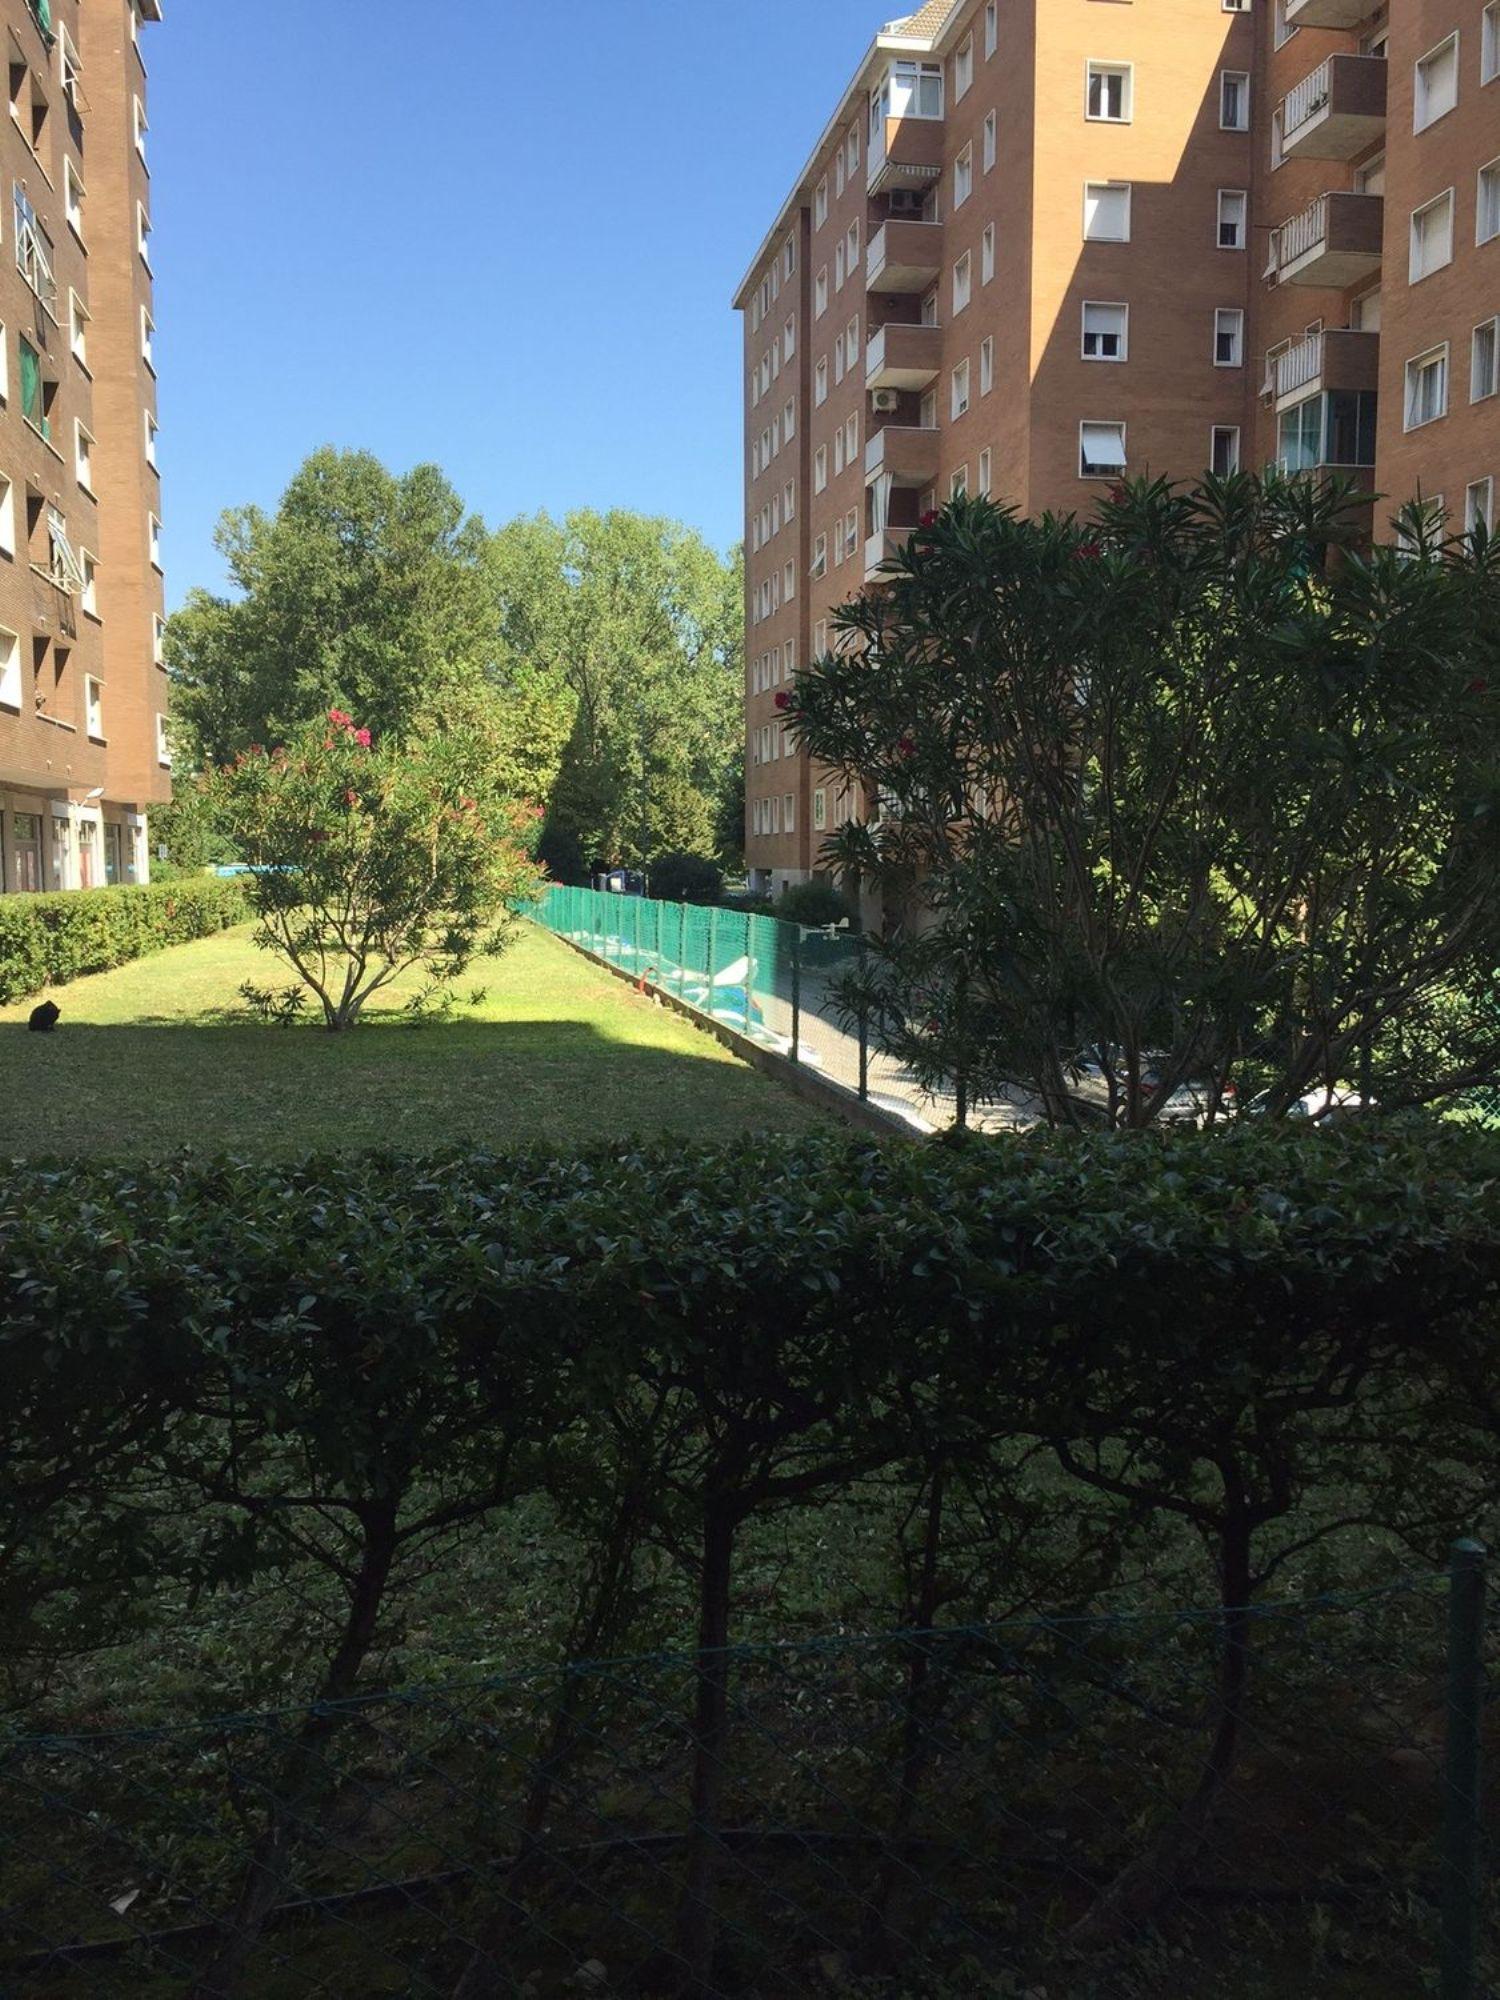 Appartamento in vendita a Trieste, 3 locali, prezzo € 119.000 | CambioCasa.it